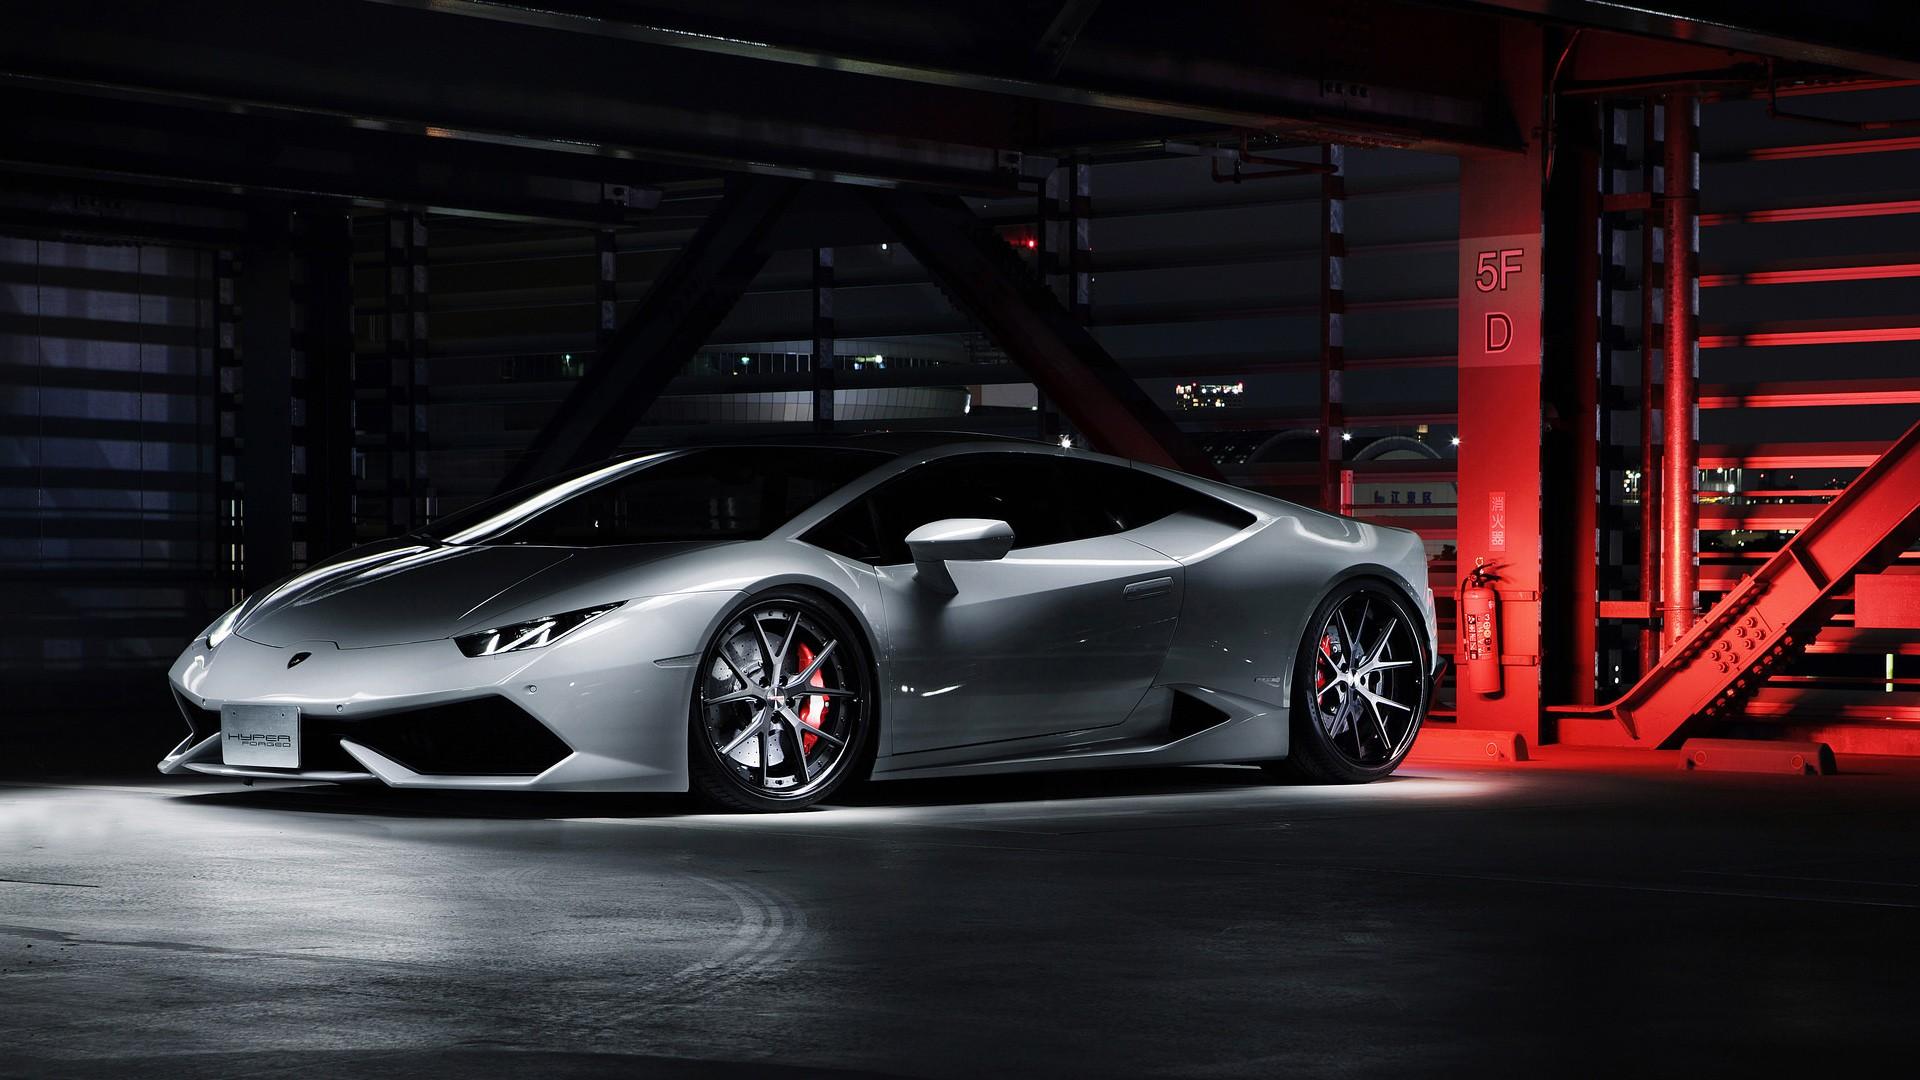 2016 Lamborghini Huracan Lp640 4 Wallpaper Hd Car